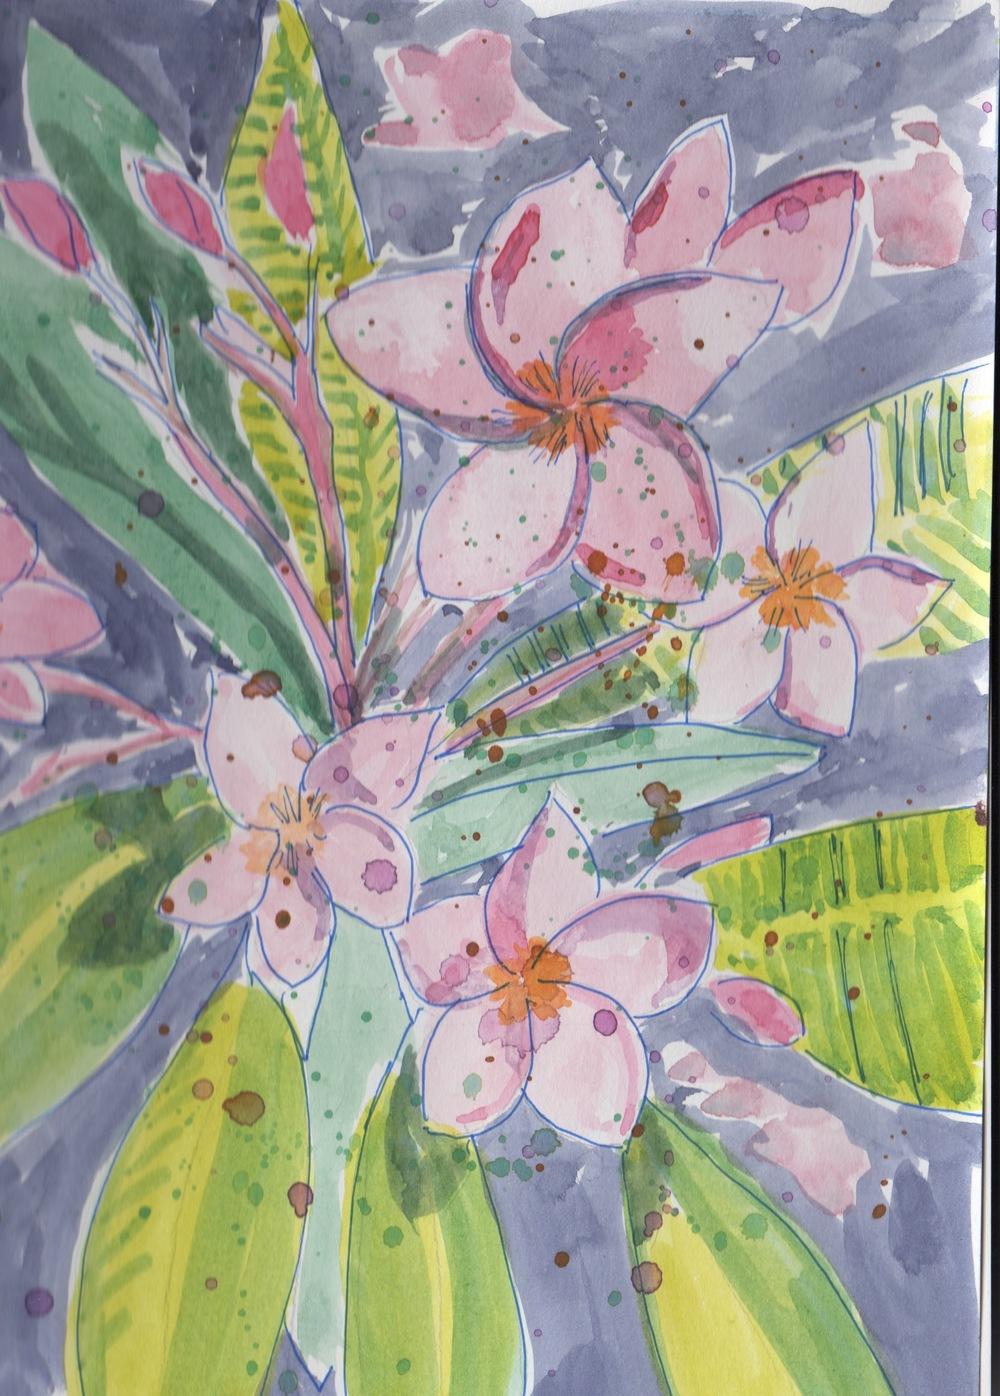 Plumeria, My Favorite Flower